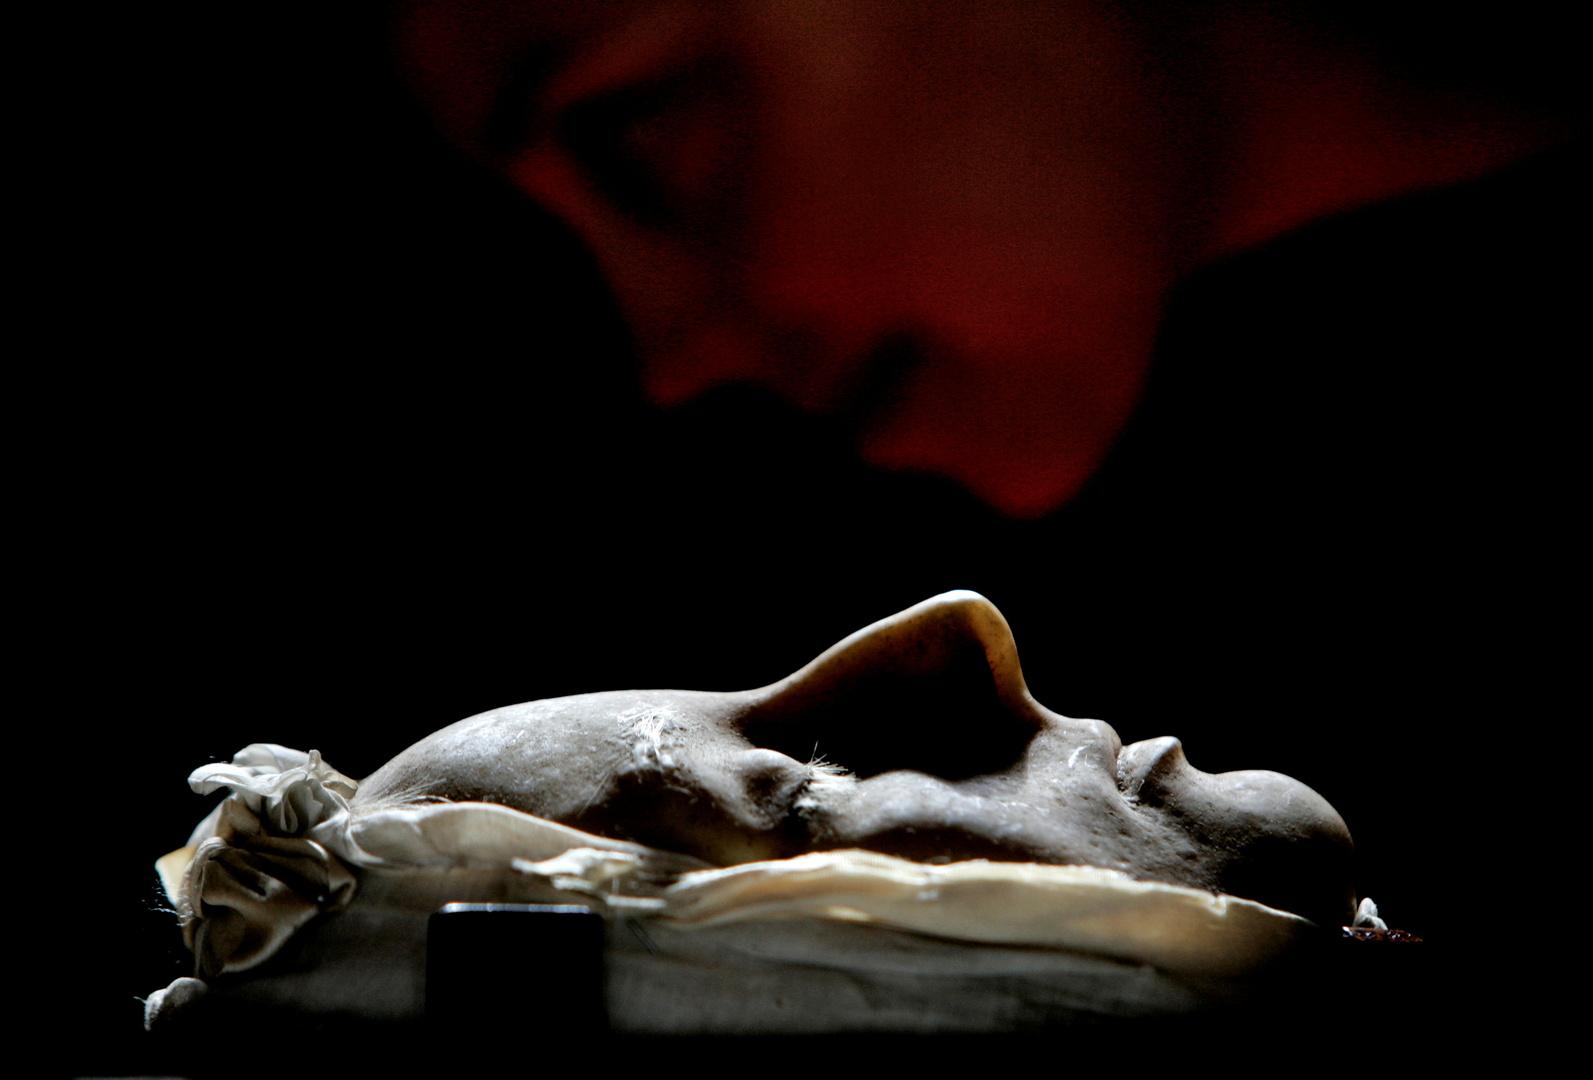 قناع الموت الشمعي لملكة اسكتلندا ماري صنع في عام 1587 بعد إعدامها